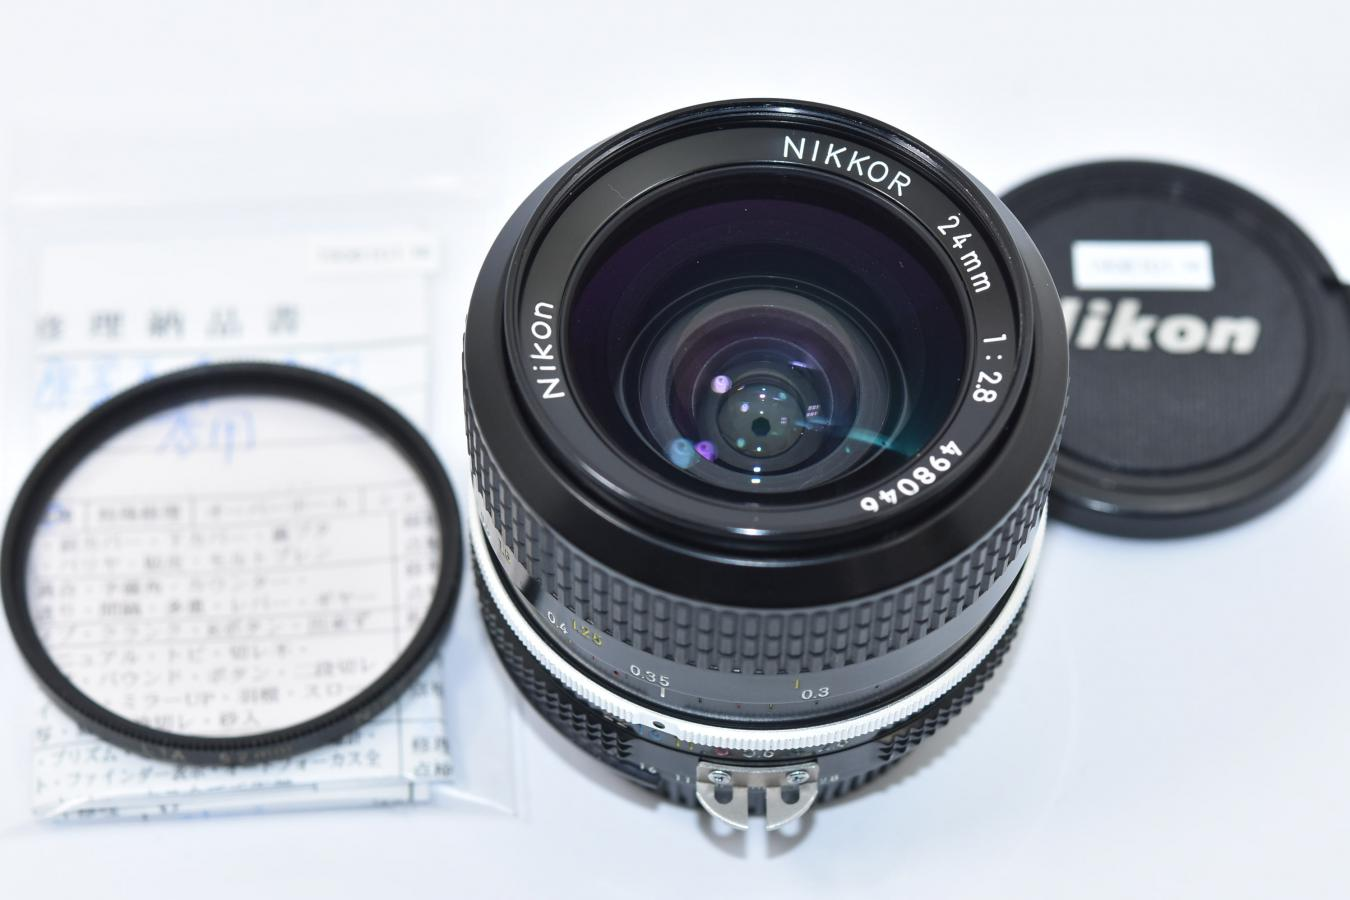 NEW NIKKOR 24mm F2.8 Ai改 【整備済 純正52mmL1Aフィルター付】